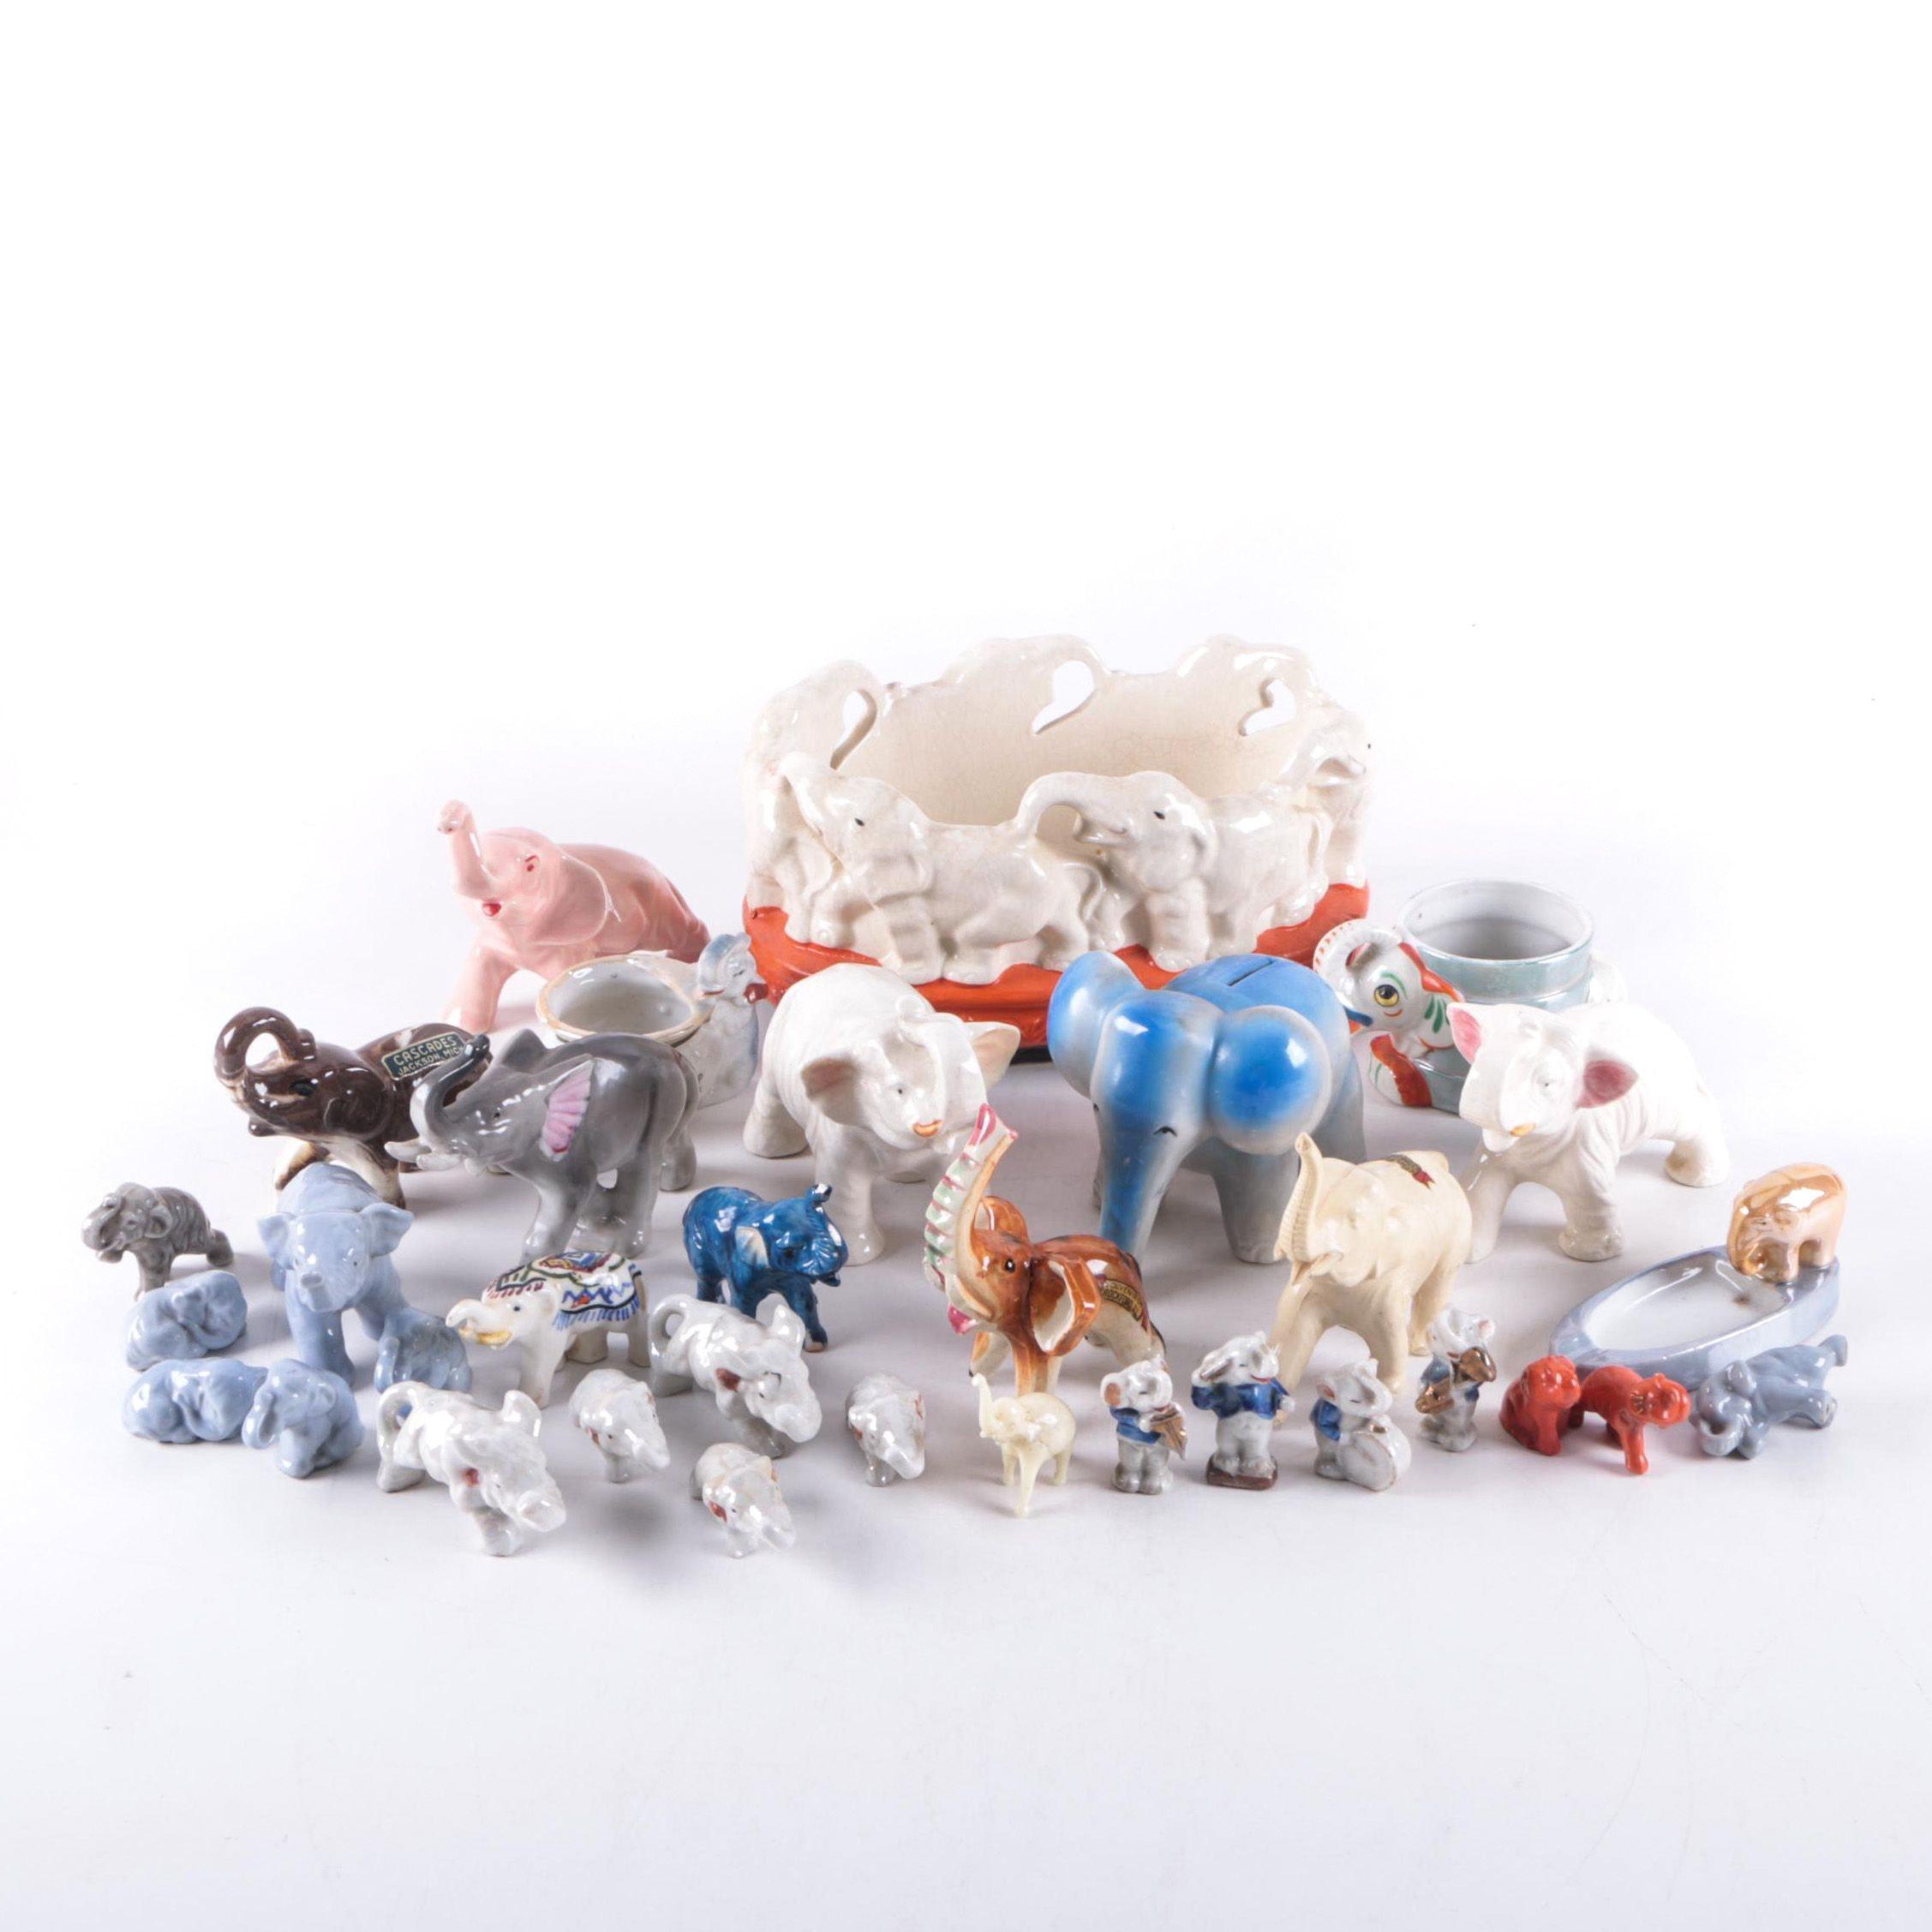 Assorted Ceramic Elephant Figures Including Souvenirs